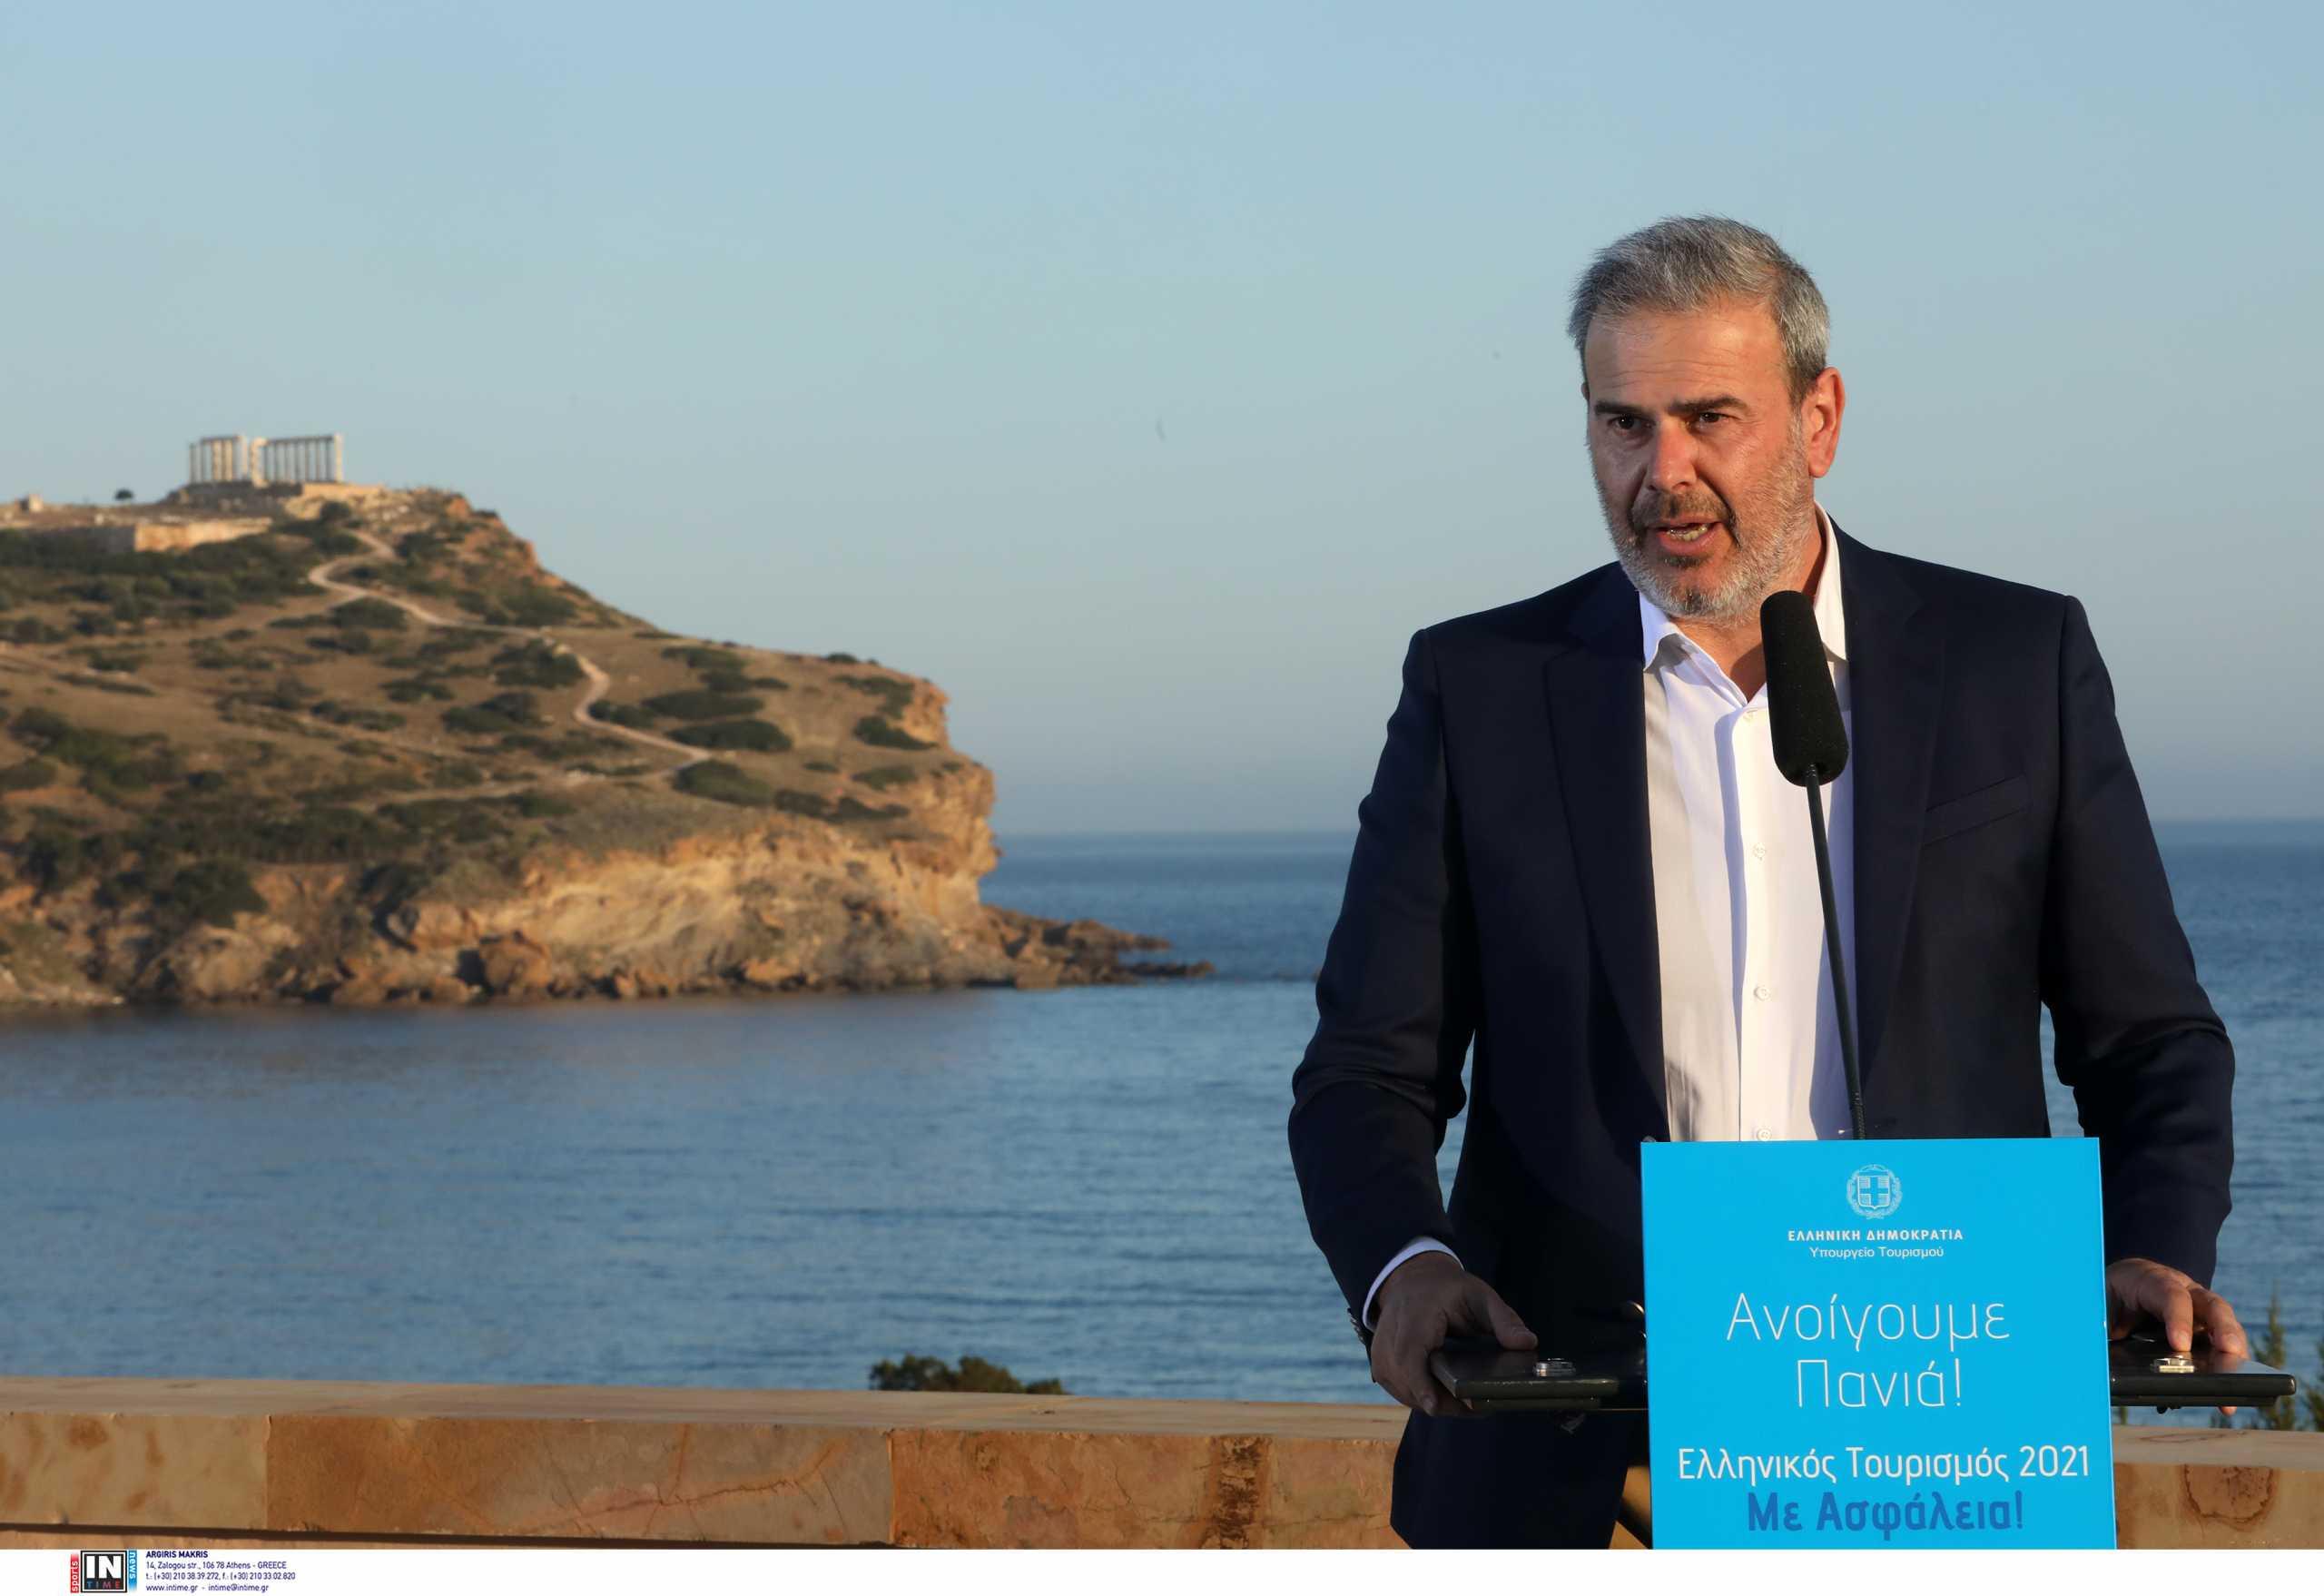 Δ. Φραγκάκης: «Φέτος, η μεγαλύτερη καμπάνια προβολής της χώρας, ο προϋπολογισμός της θα ξεπεράσει τα 23 εκατ. ευρώ»